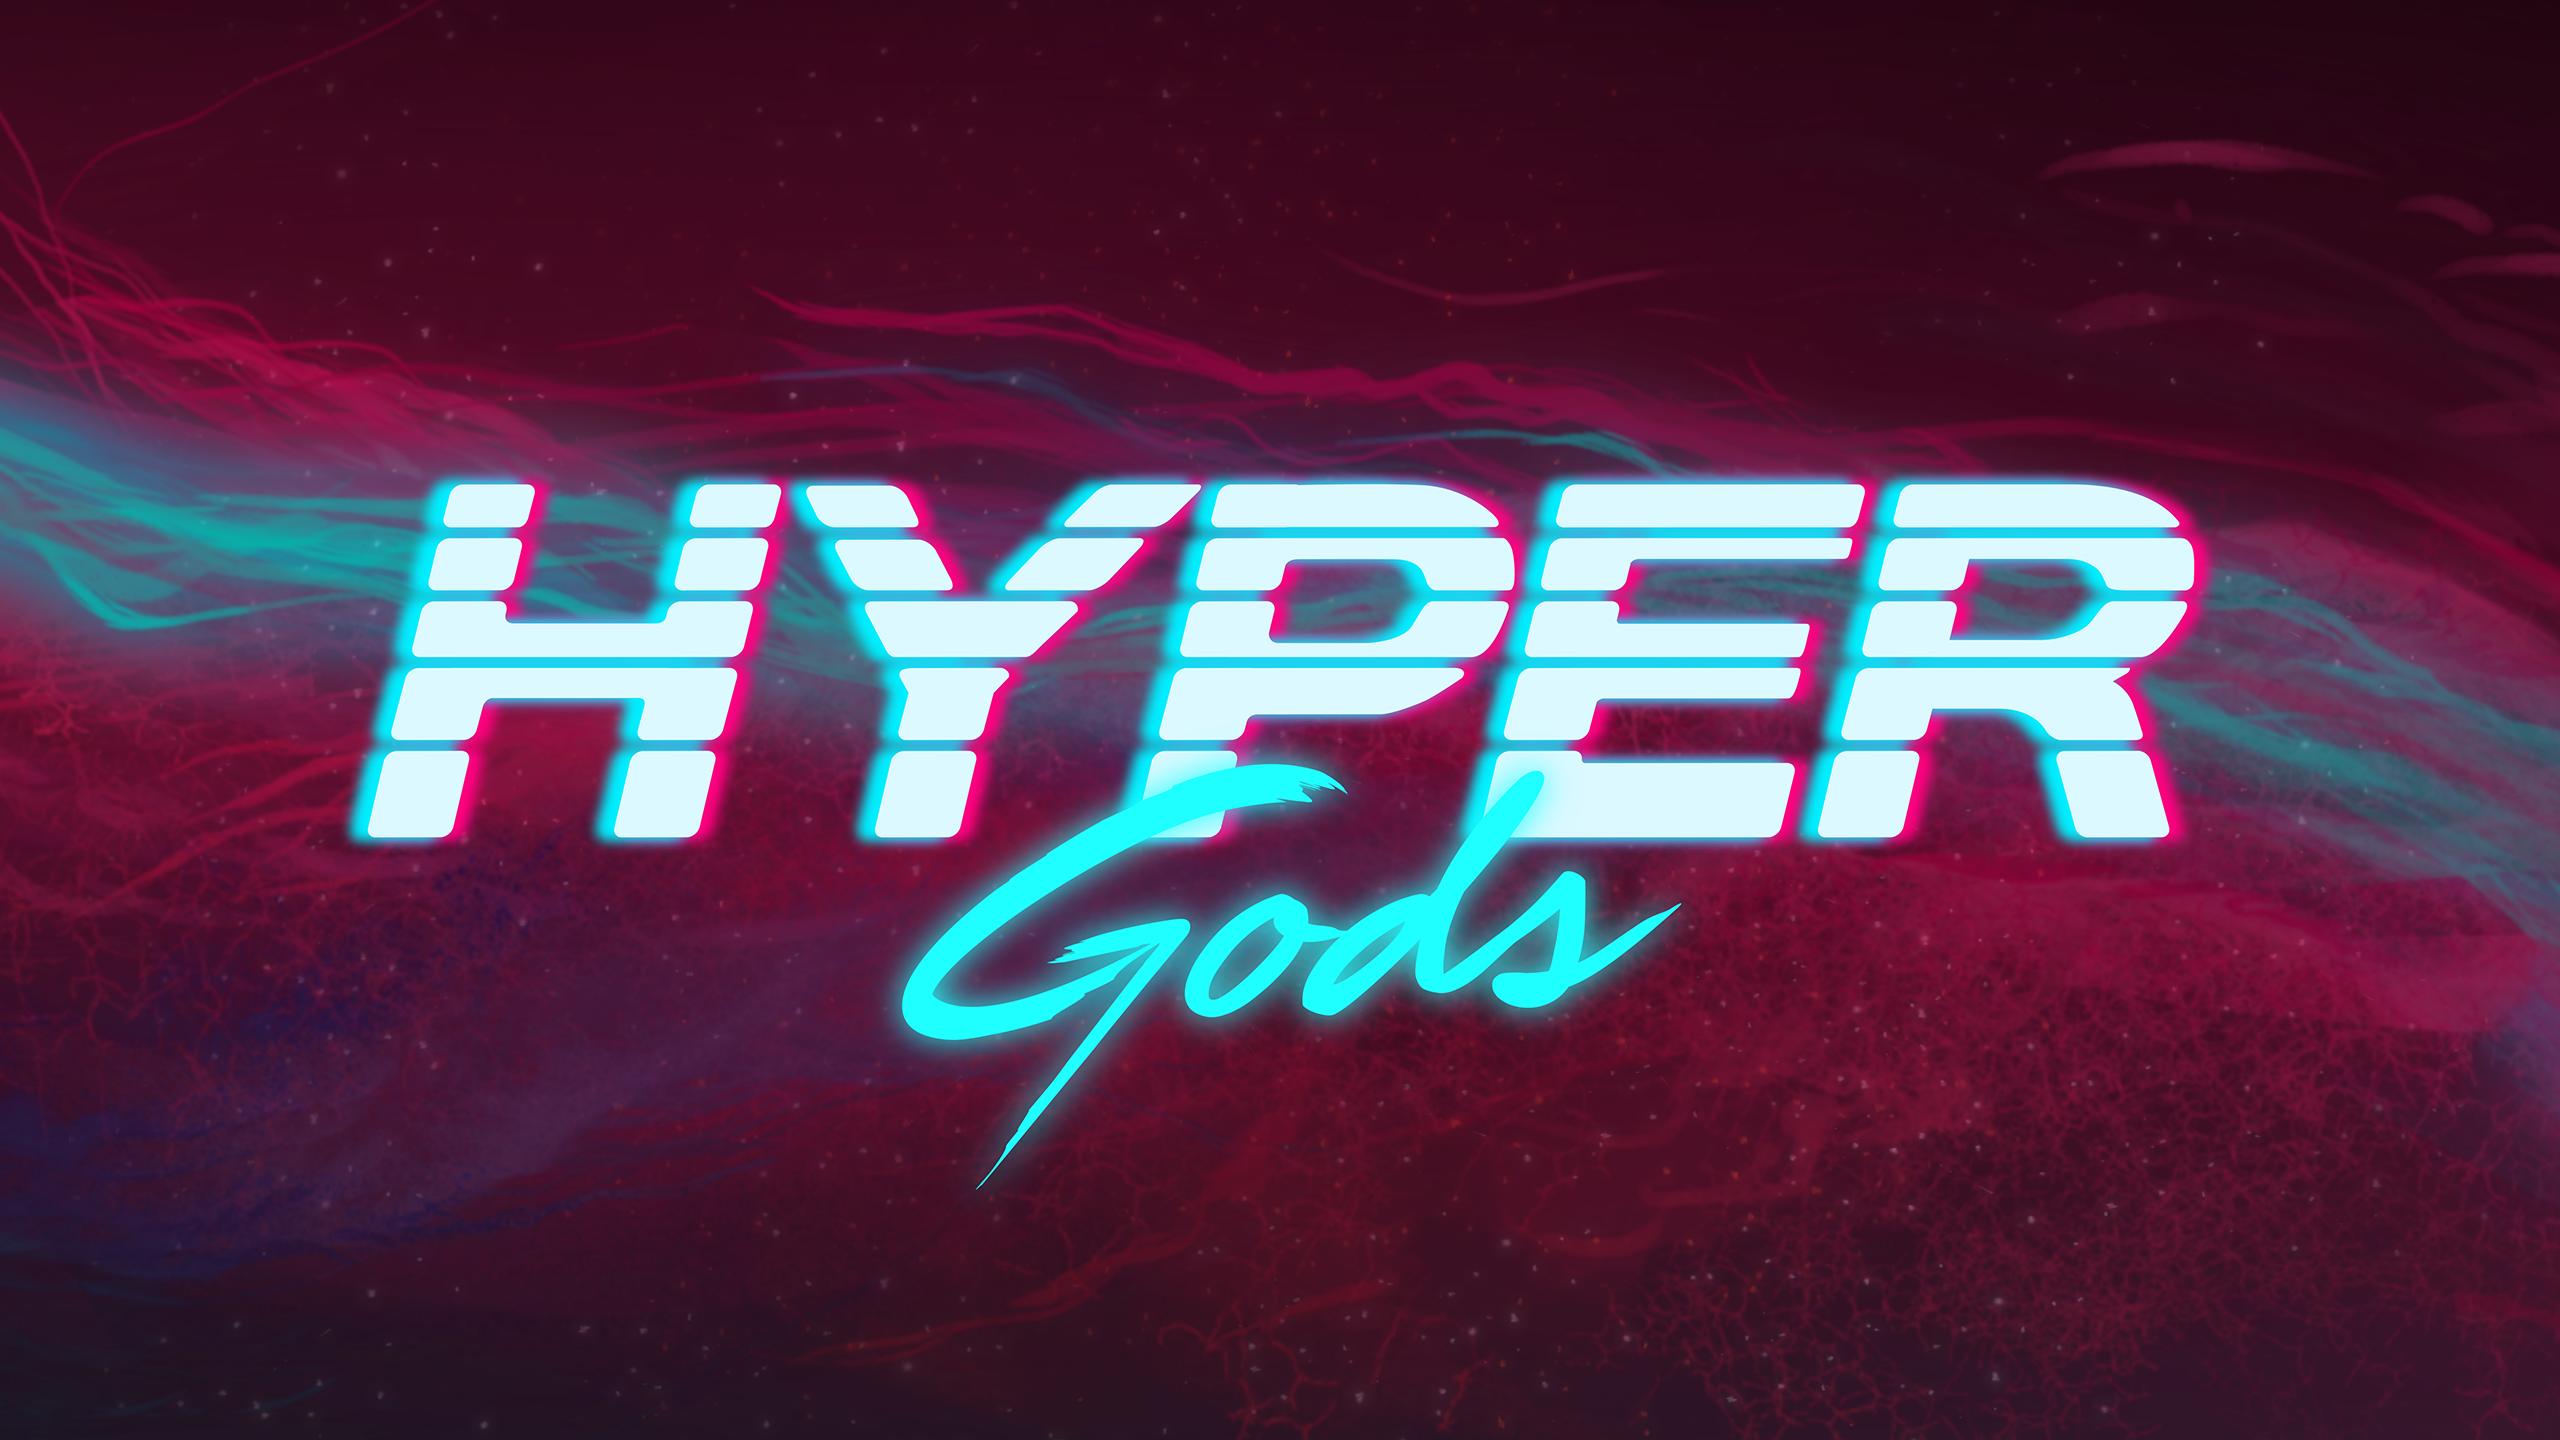 hyperGods poster logoNebula